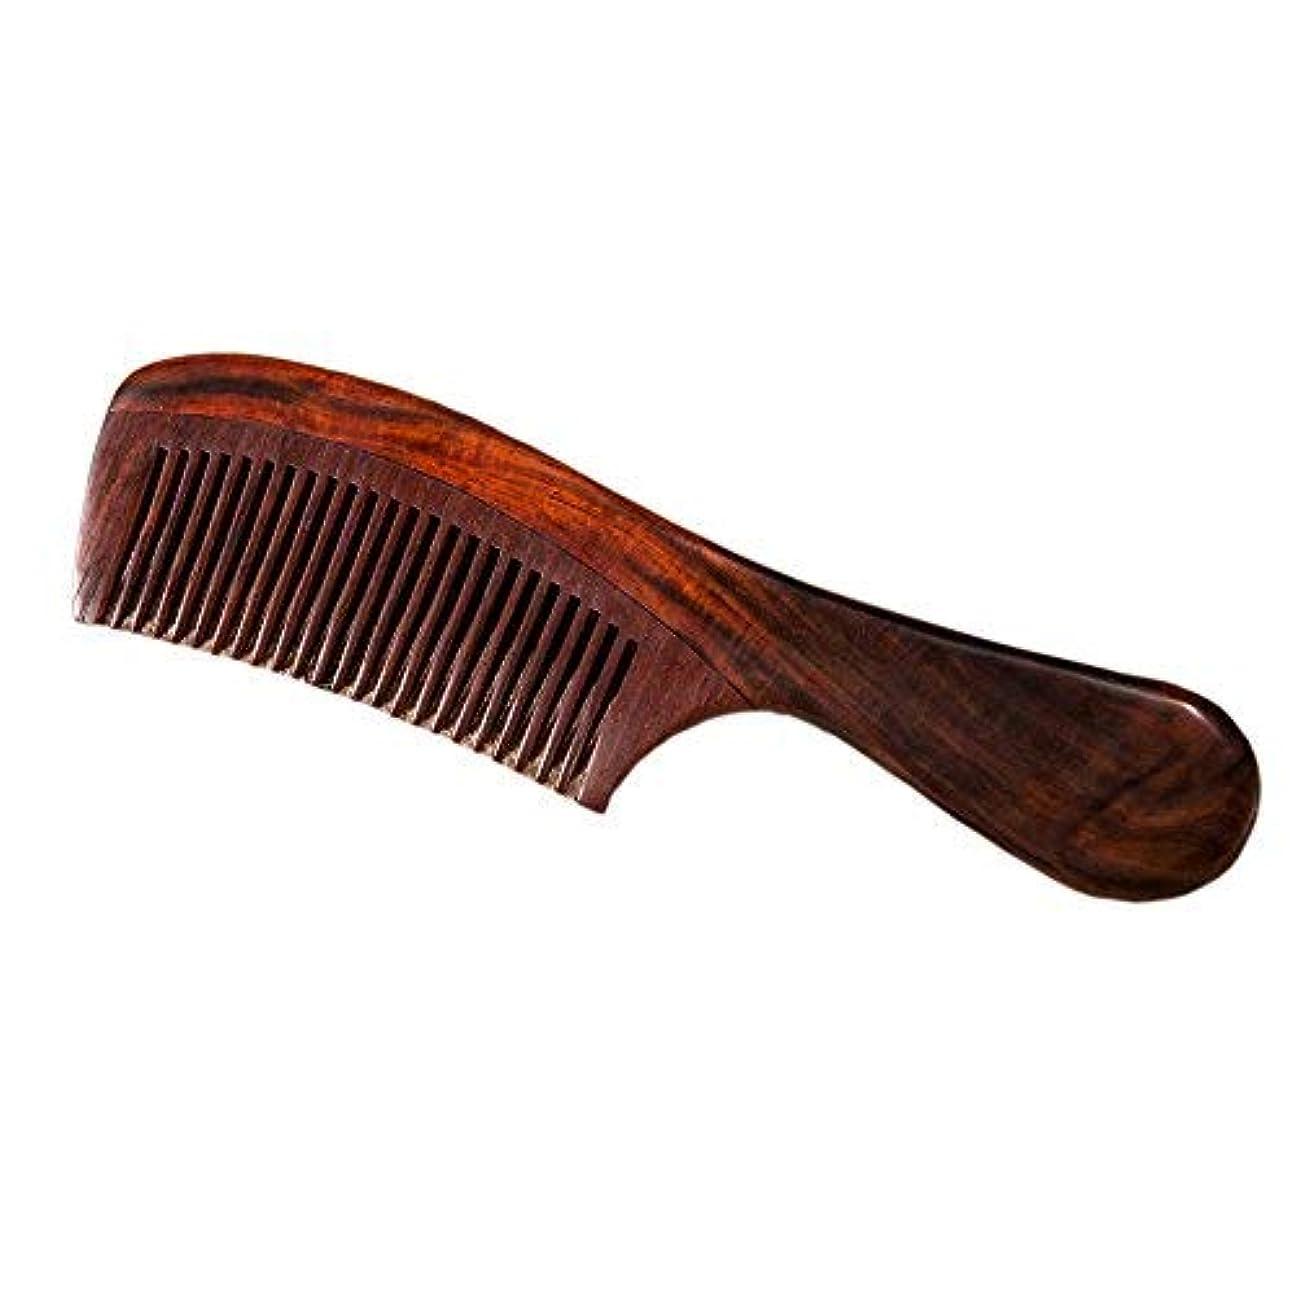 懺悔悲しむ現実Natural Redwood Hair Comb, No Static Handmade Medium Tooth Hair Comb, Smooth and Comfortable Message Wood Comb...